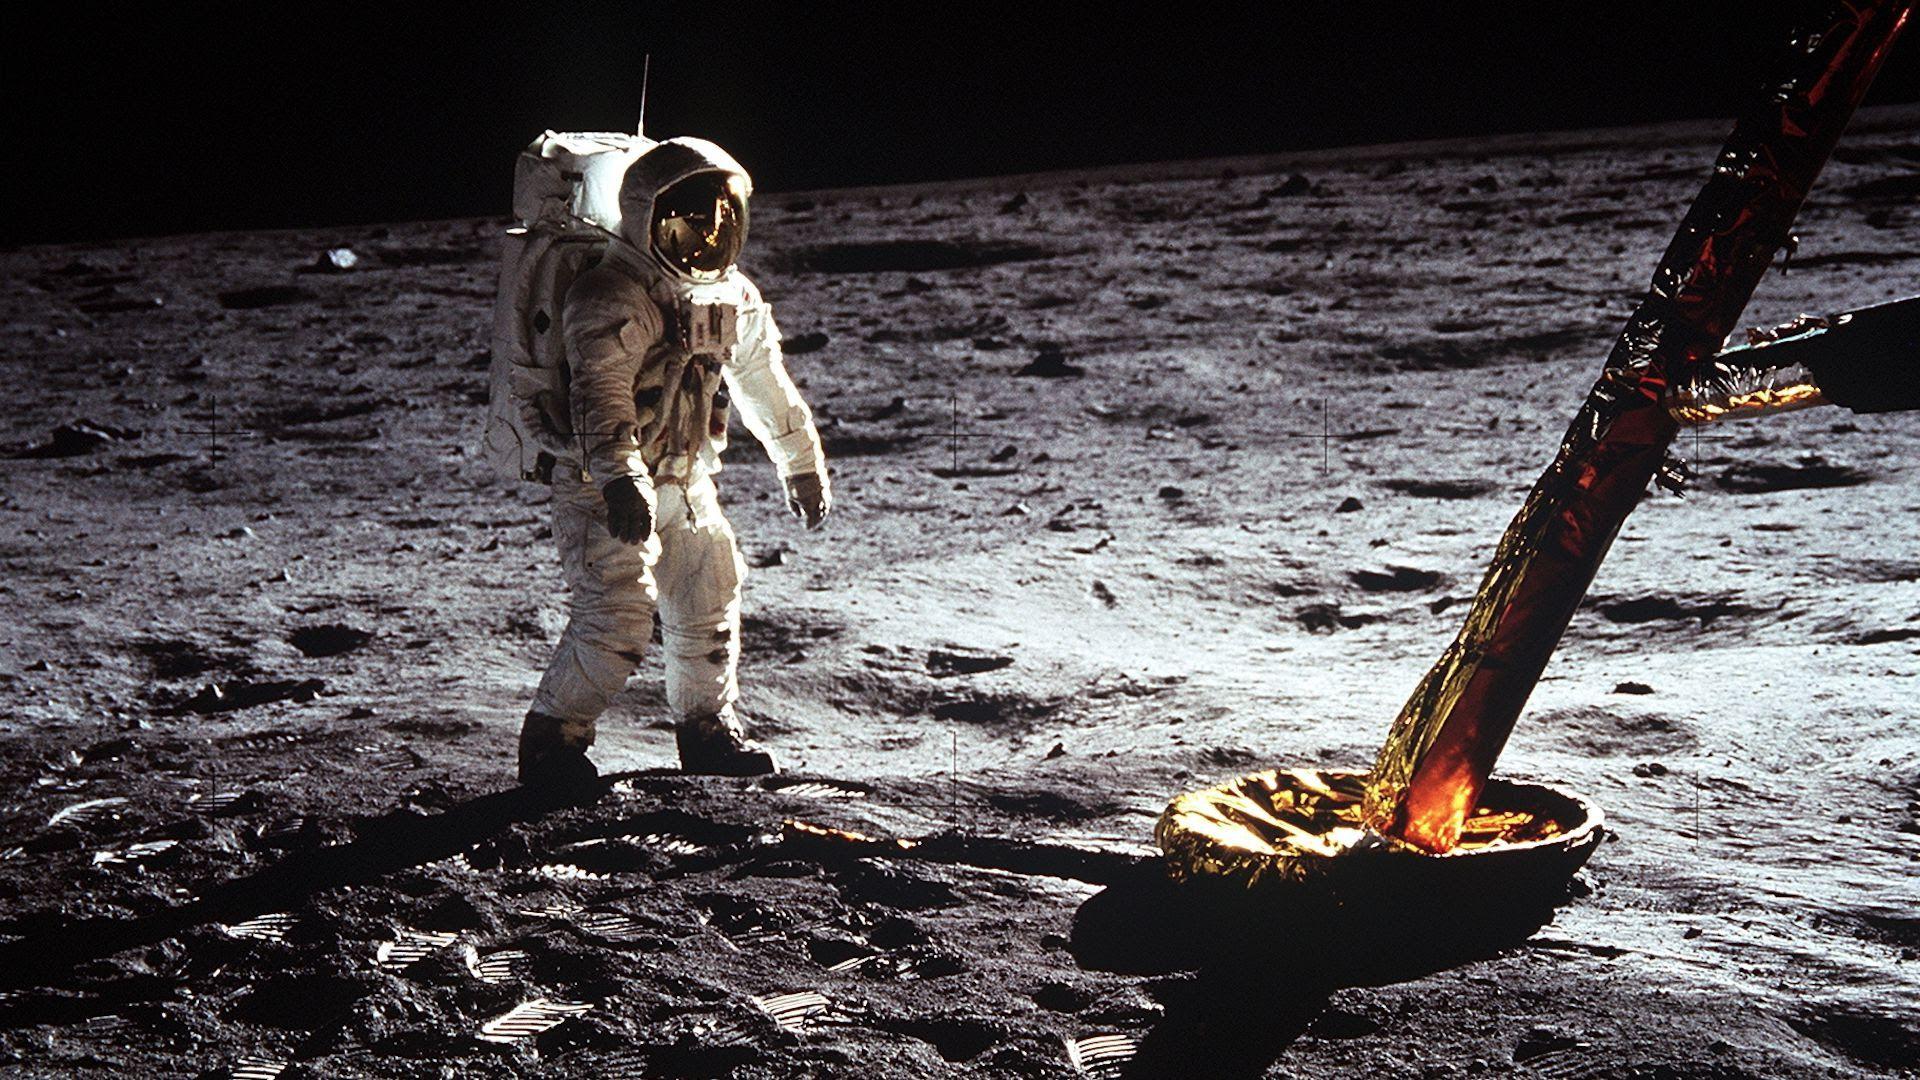 Buzz Aldrin on the surface of the moon during Apollo 11. Photo: NASA